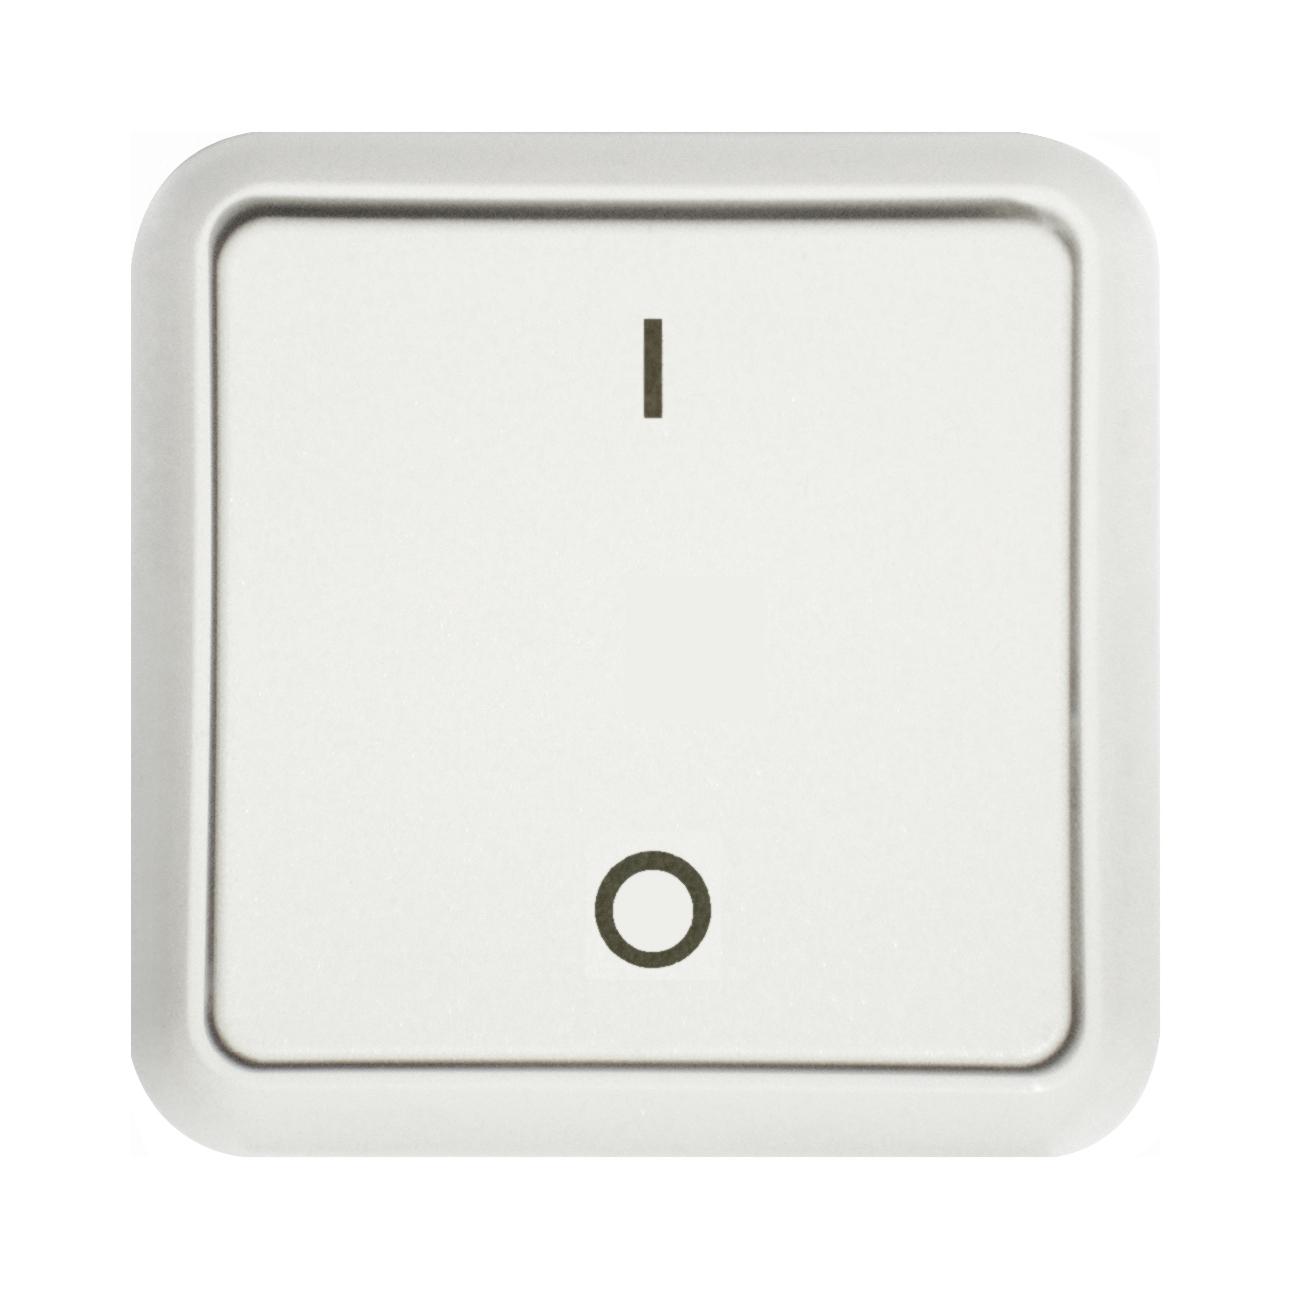 1 Stk UP-IP44 Ausschalter 2-polig, reinweiß EL411204--